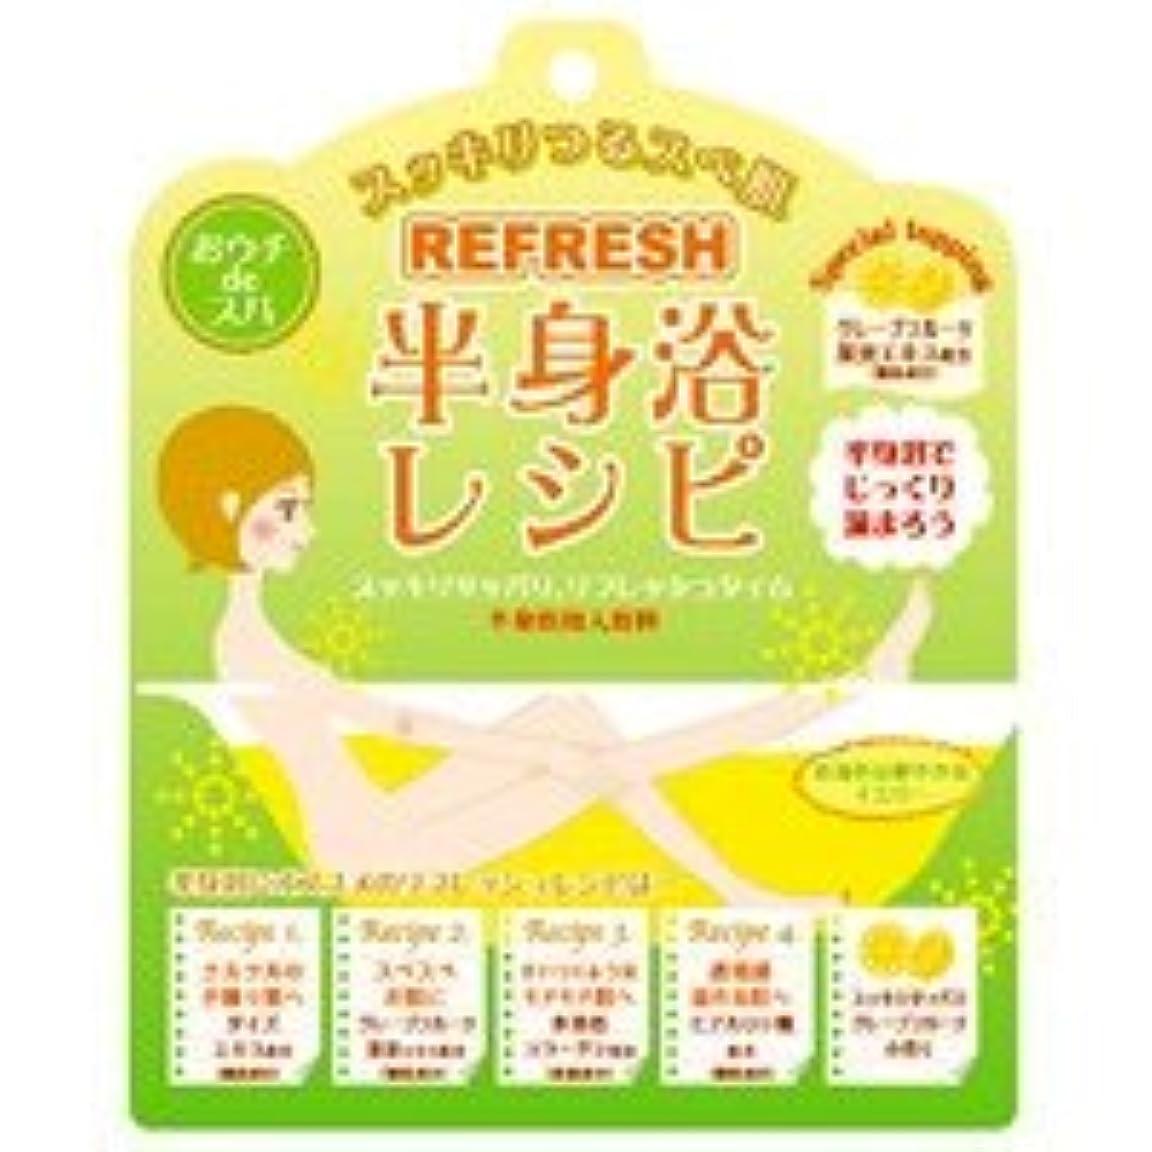 モナリザマットレシピ半身浴レシピ「リフレッシュレシピ」10個セット クリアイエローのお湯 スッキリサッパリなグレープフルーツの香り